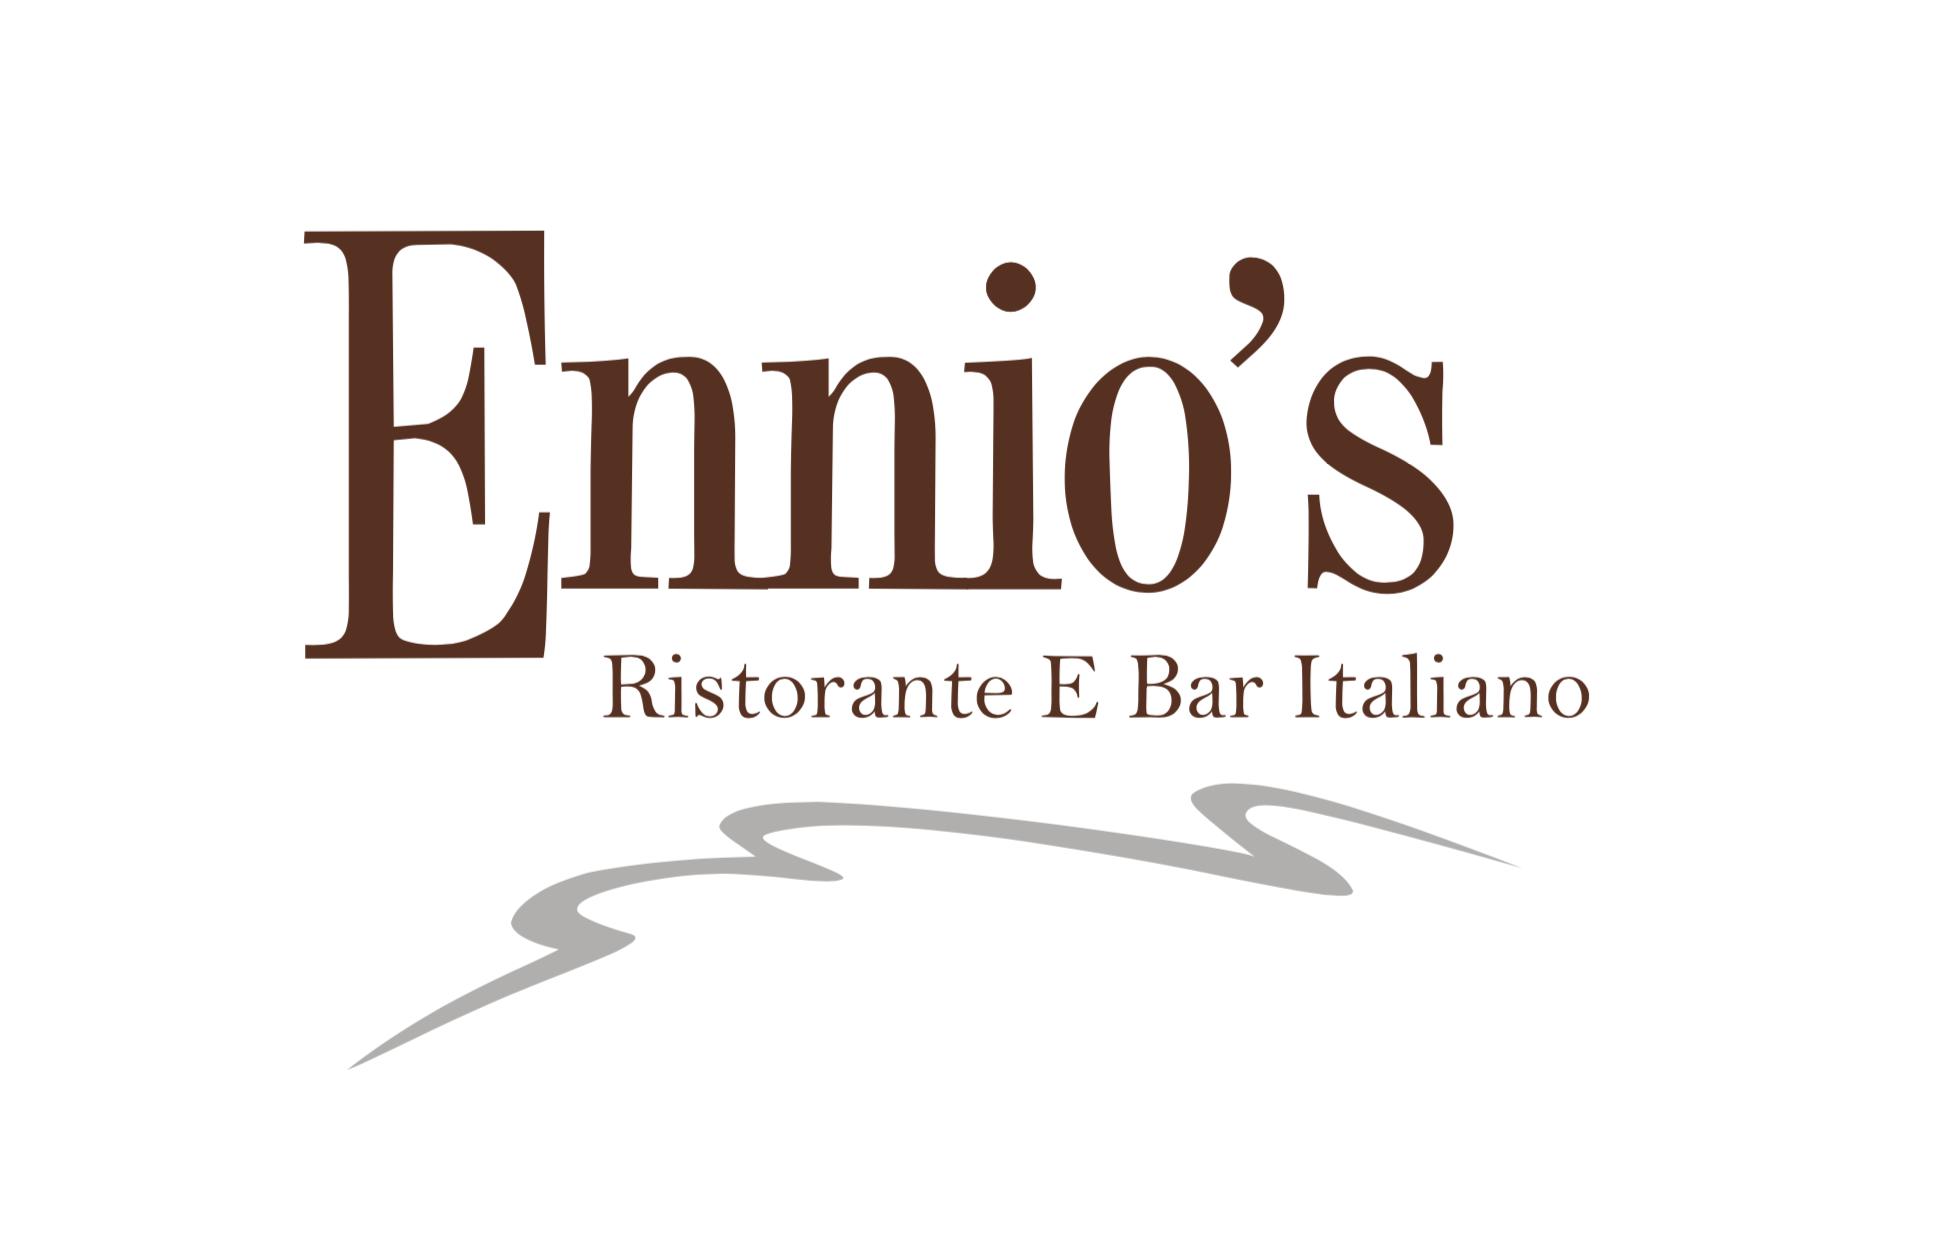 Ennios